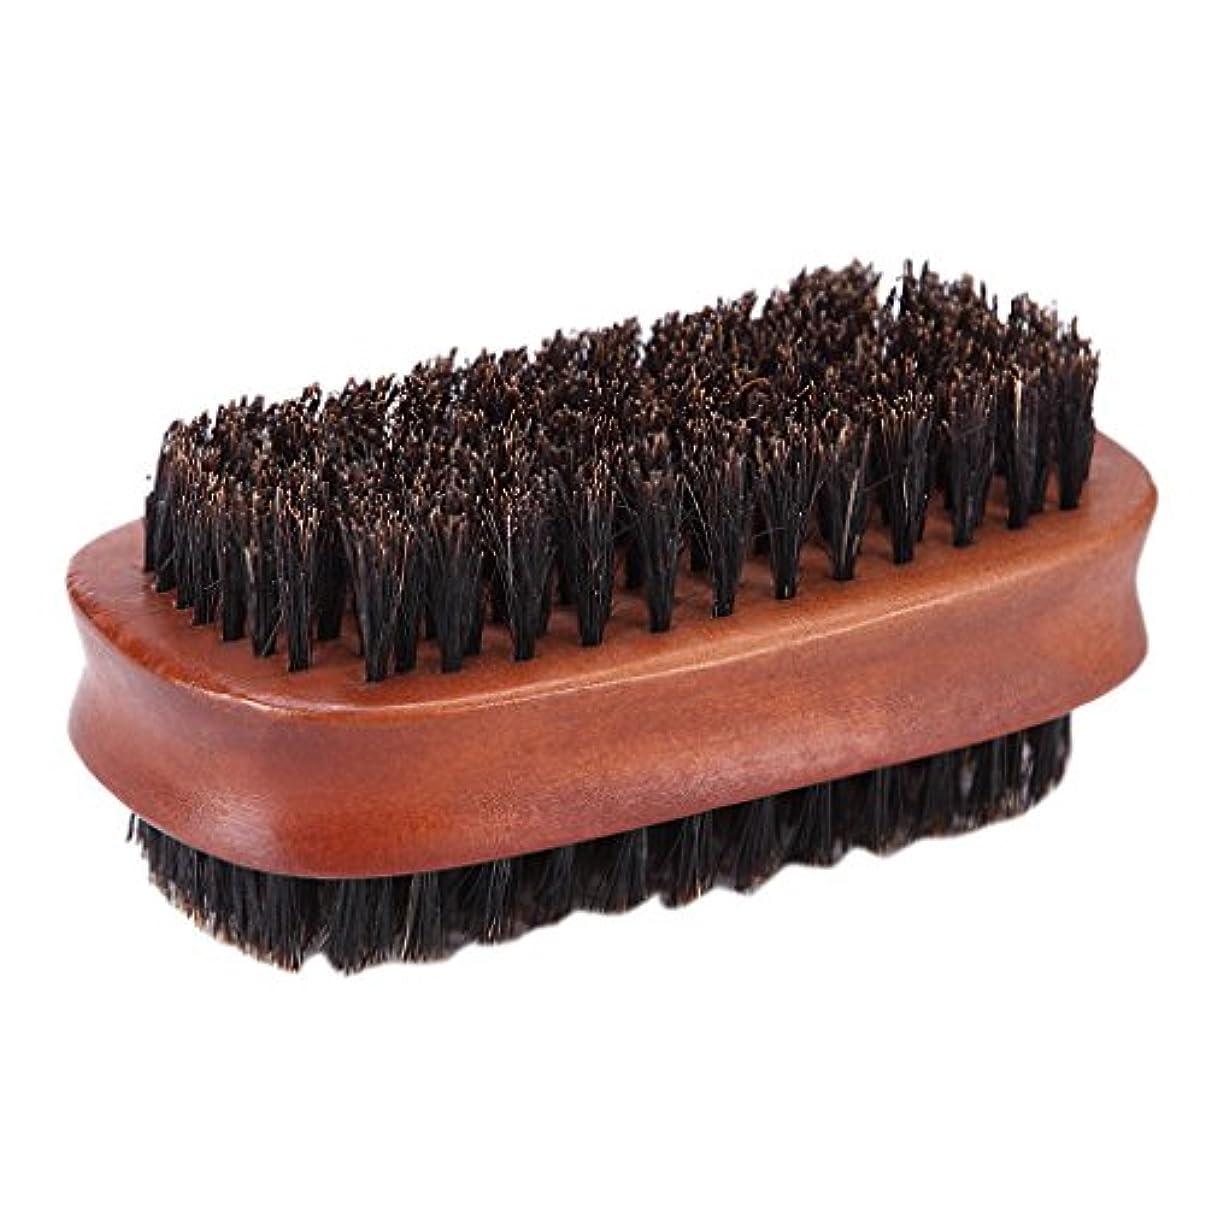 口述雇う壊れたヘアカット ダスターブラシ 両面ブラシ サロン 散髪 ヘアカット 柔らか 使いやすい